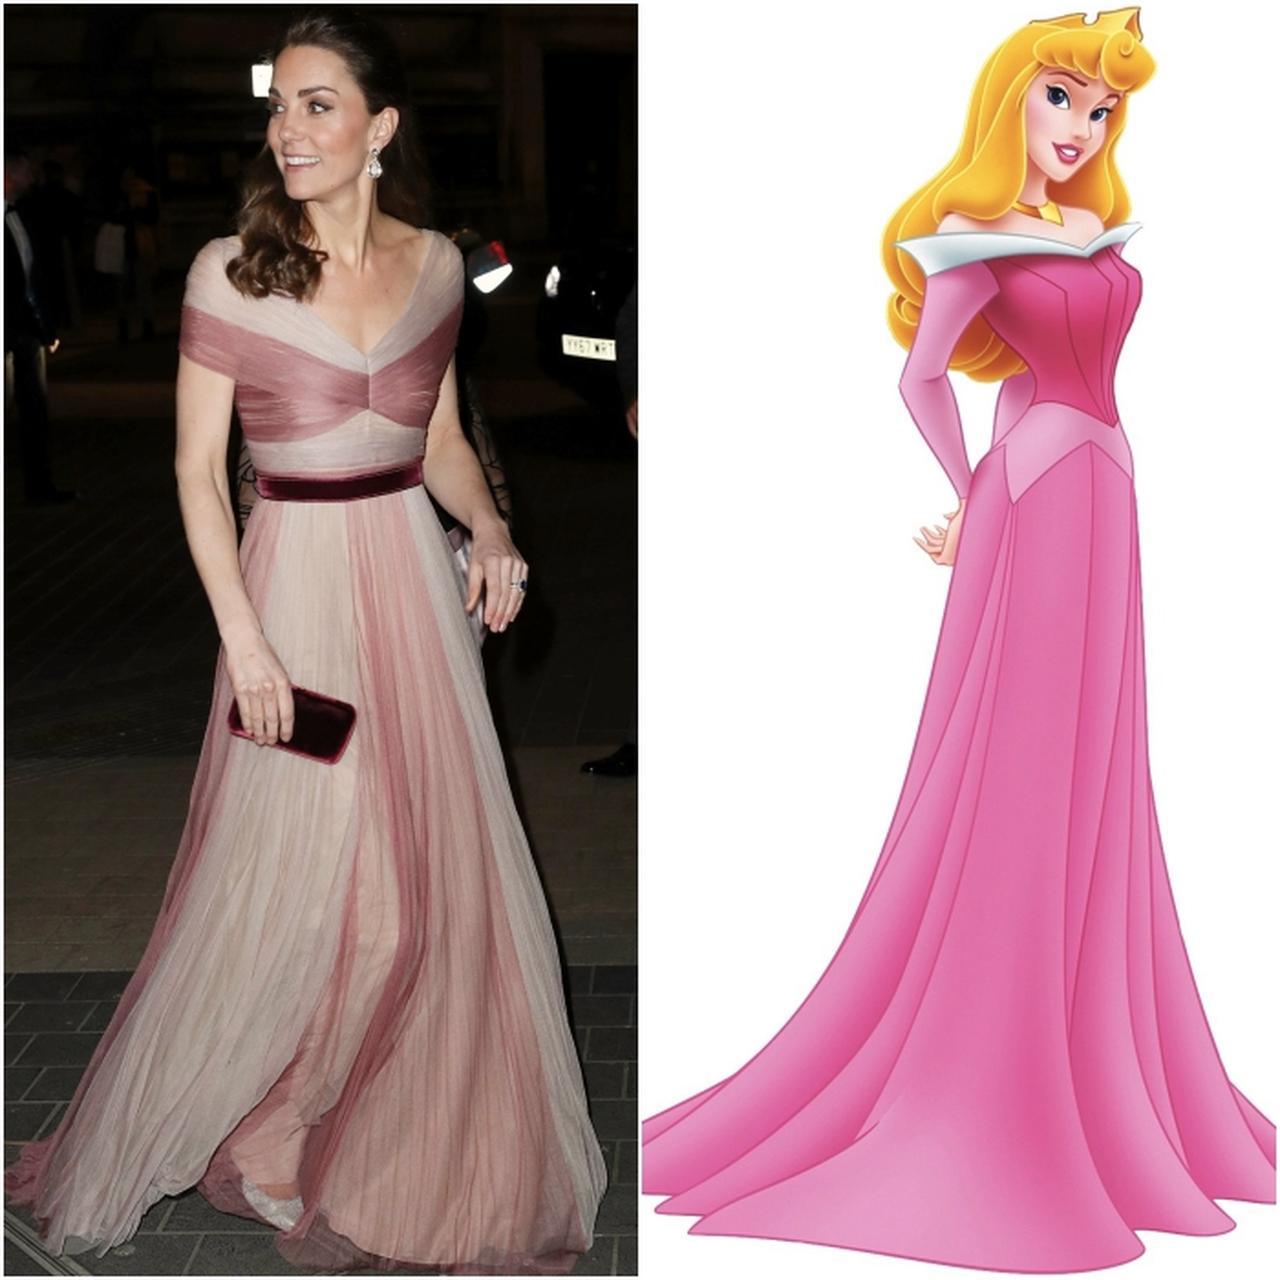 画像: 言われてみれば、確かに、ピンク色を基調としたフロアレングスの配色ドレスで、デコルテがすっきりと見える浅めのVネックのラインが少し似ている? 右写真:©ニュースコム